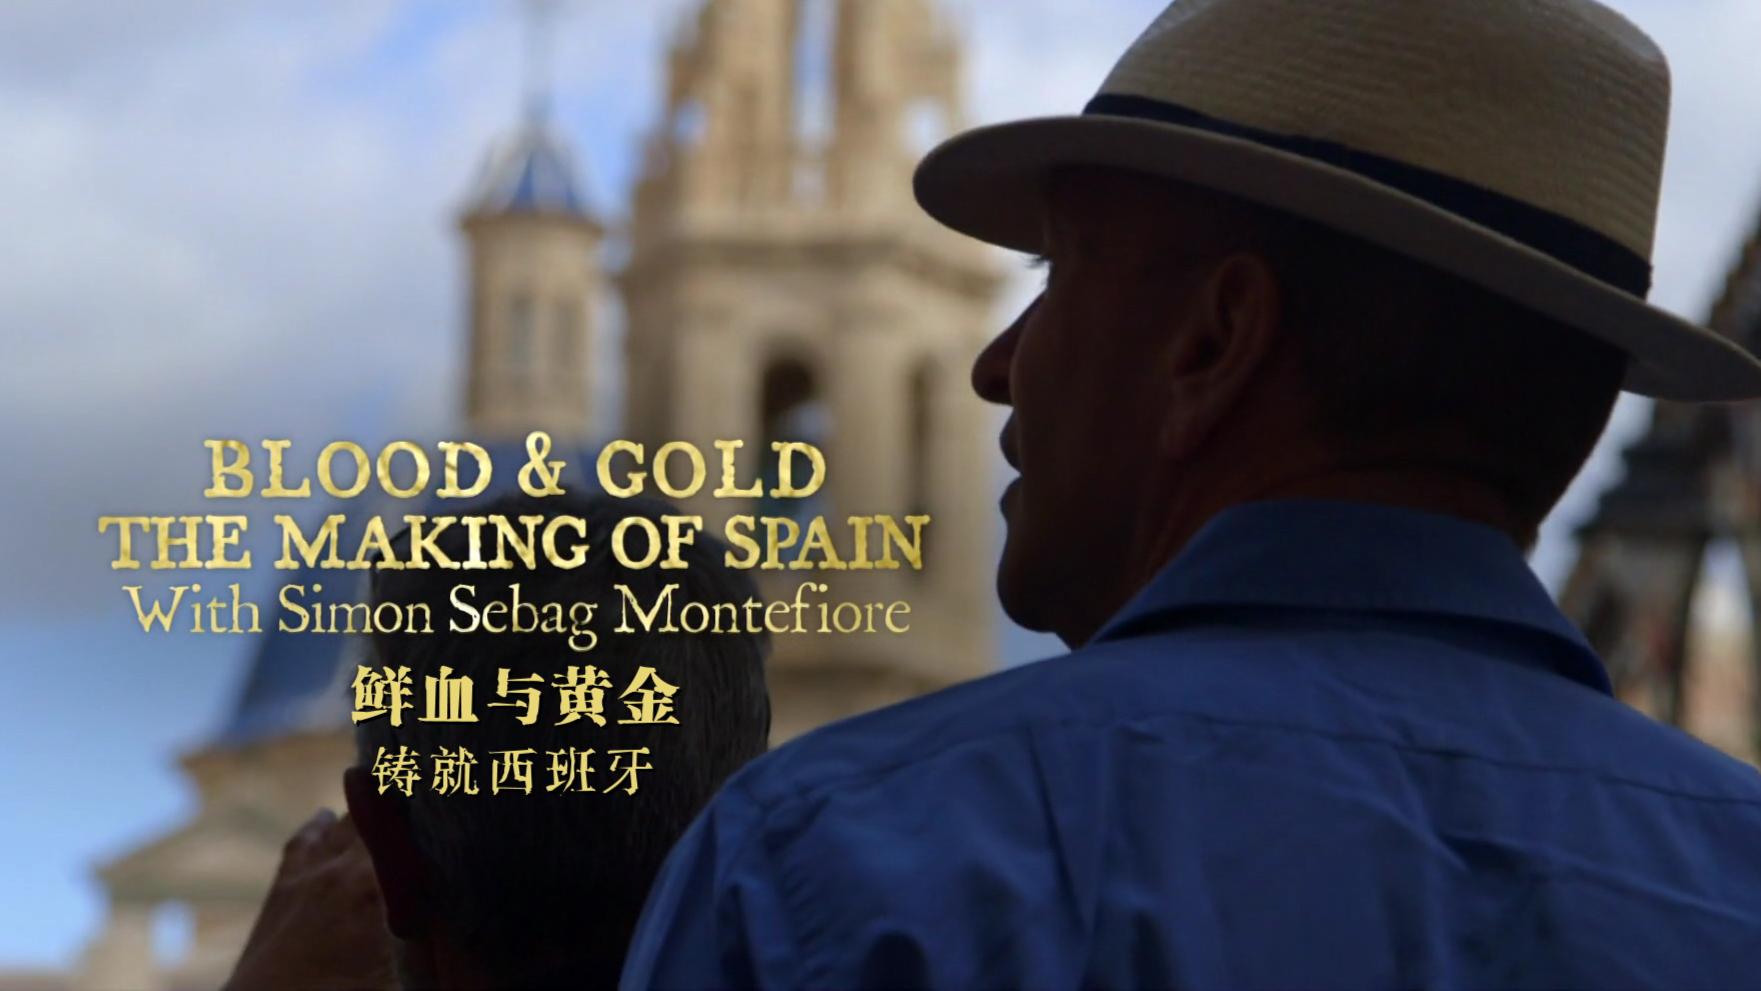 【纪录片】鲜血与黄金铸就西班牙 2 收复【双语特效字幕】【纪录片之家字幕组】